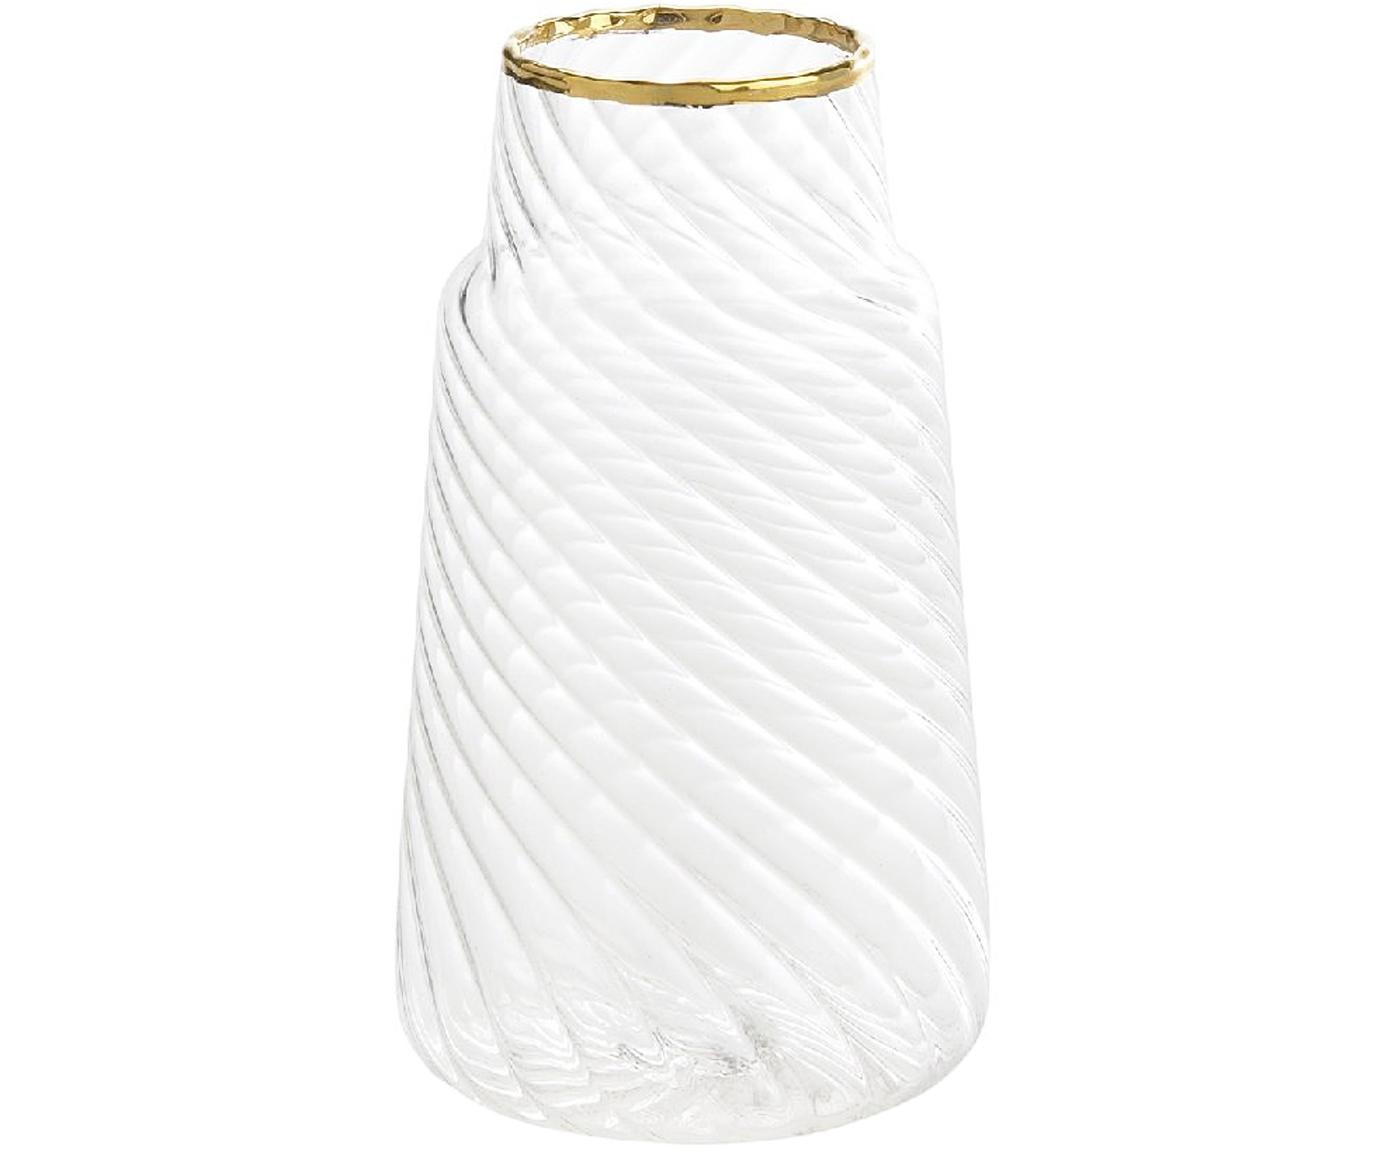 Kleine Glas-Vase Plunn, Glas, Transparent, Goldfarben, Ø 6 x H 11 cm